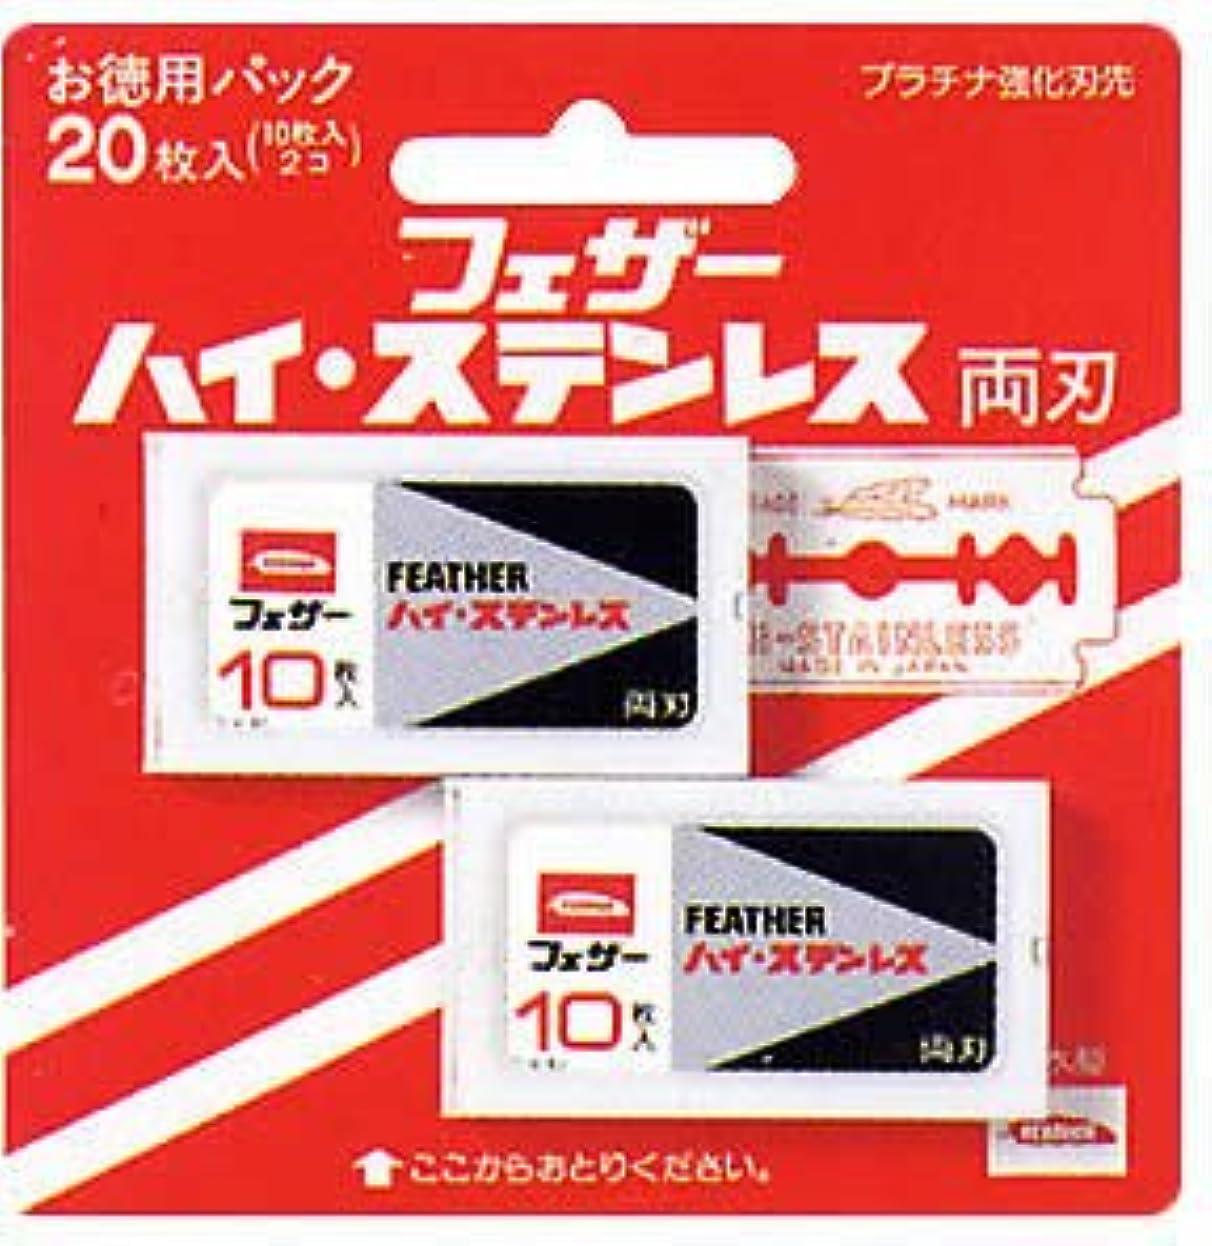 常習者世界に死んだストッキングフェザー ハイステンレス両刃 20枚入